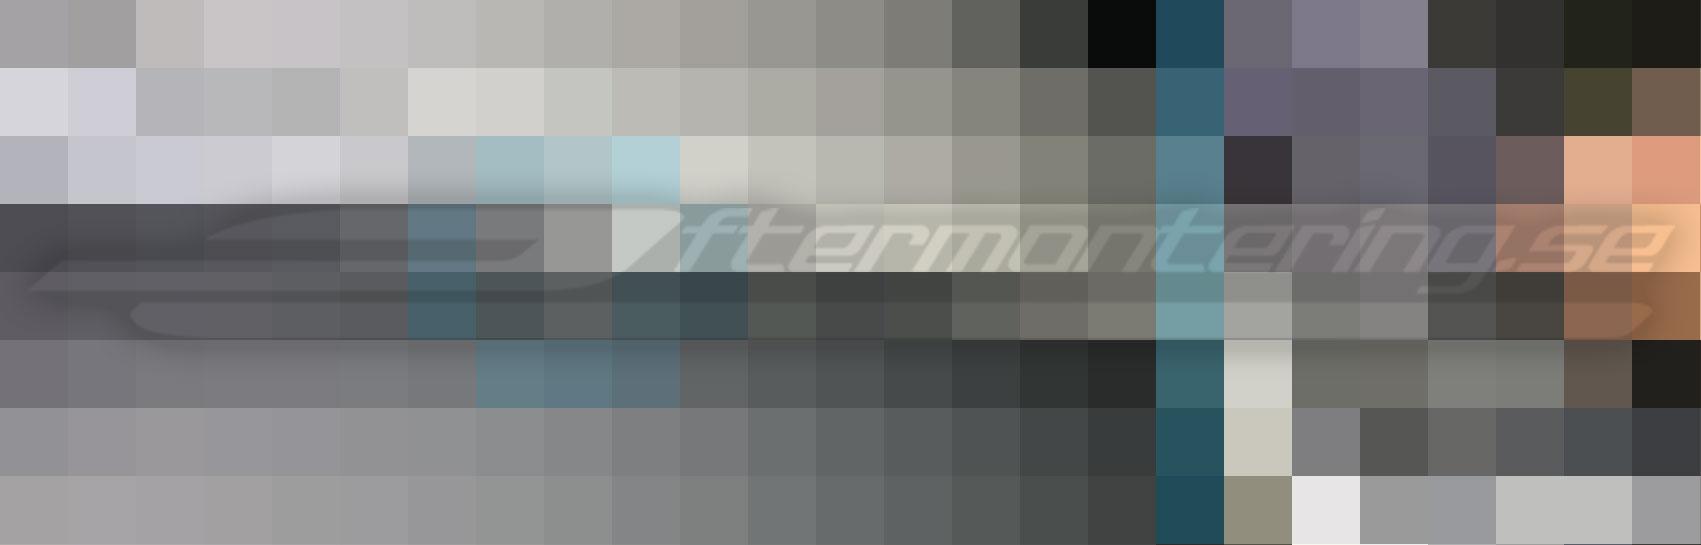 Installation av original Ambient / utökat ljuspaket i Audi A6 / A7